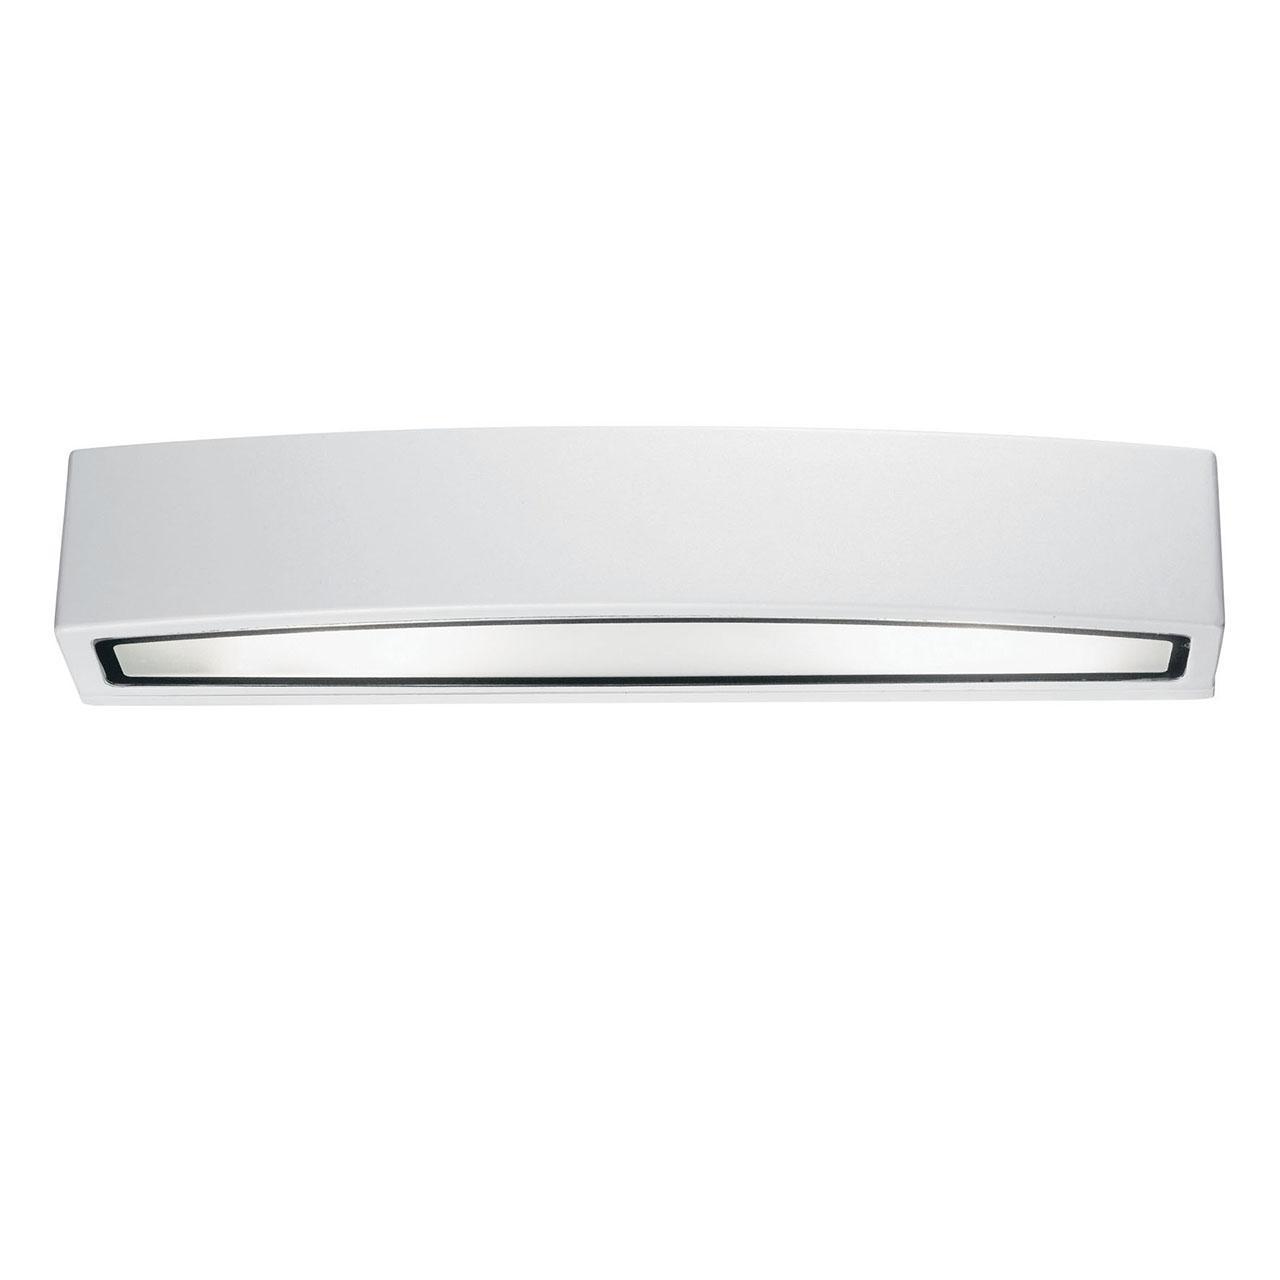 Уличный настенный светильник Ideal Lux Andromeda AP2 Bianco ideal lux уличный настенный светильник ideal lux andromeda ap2 nero